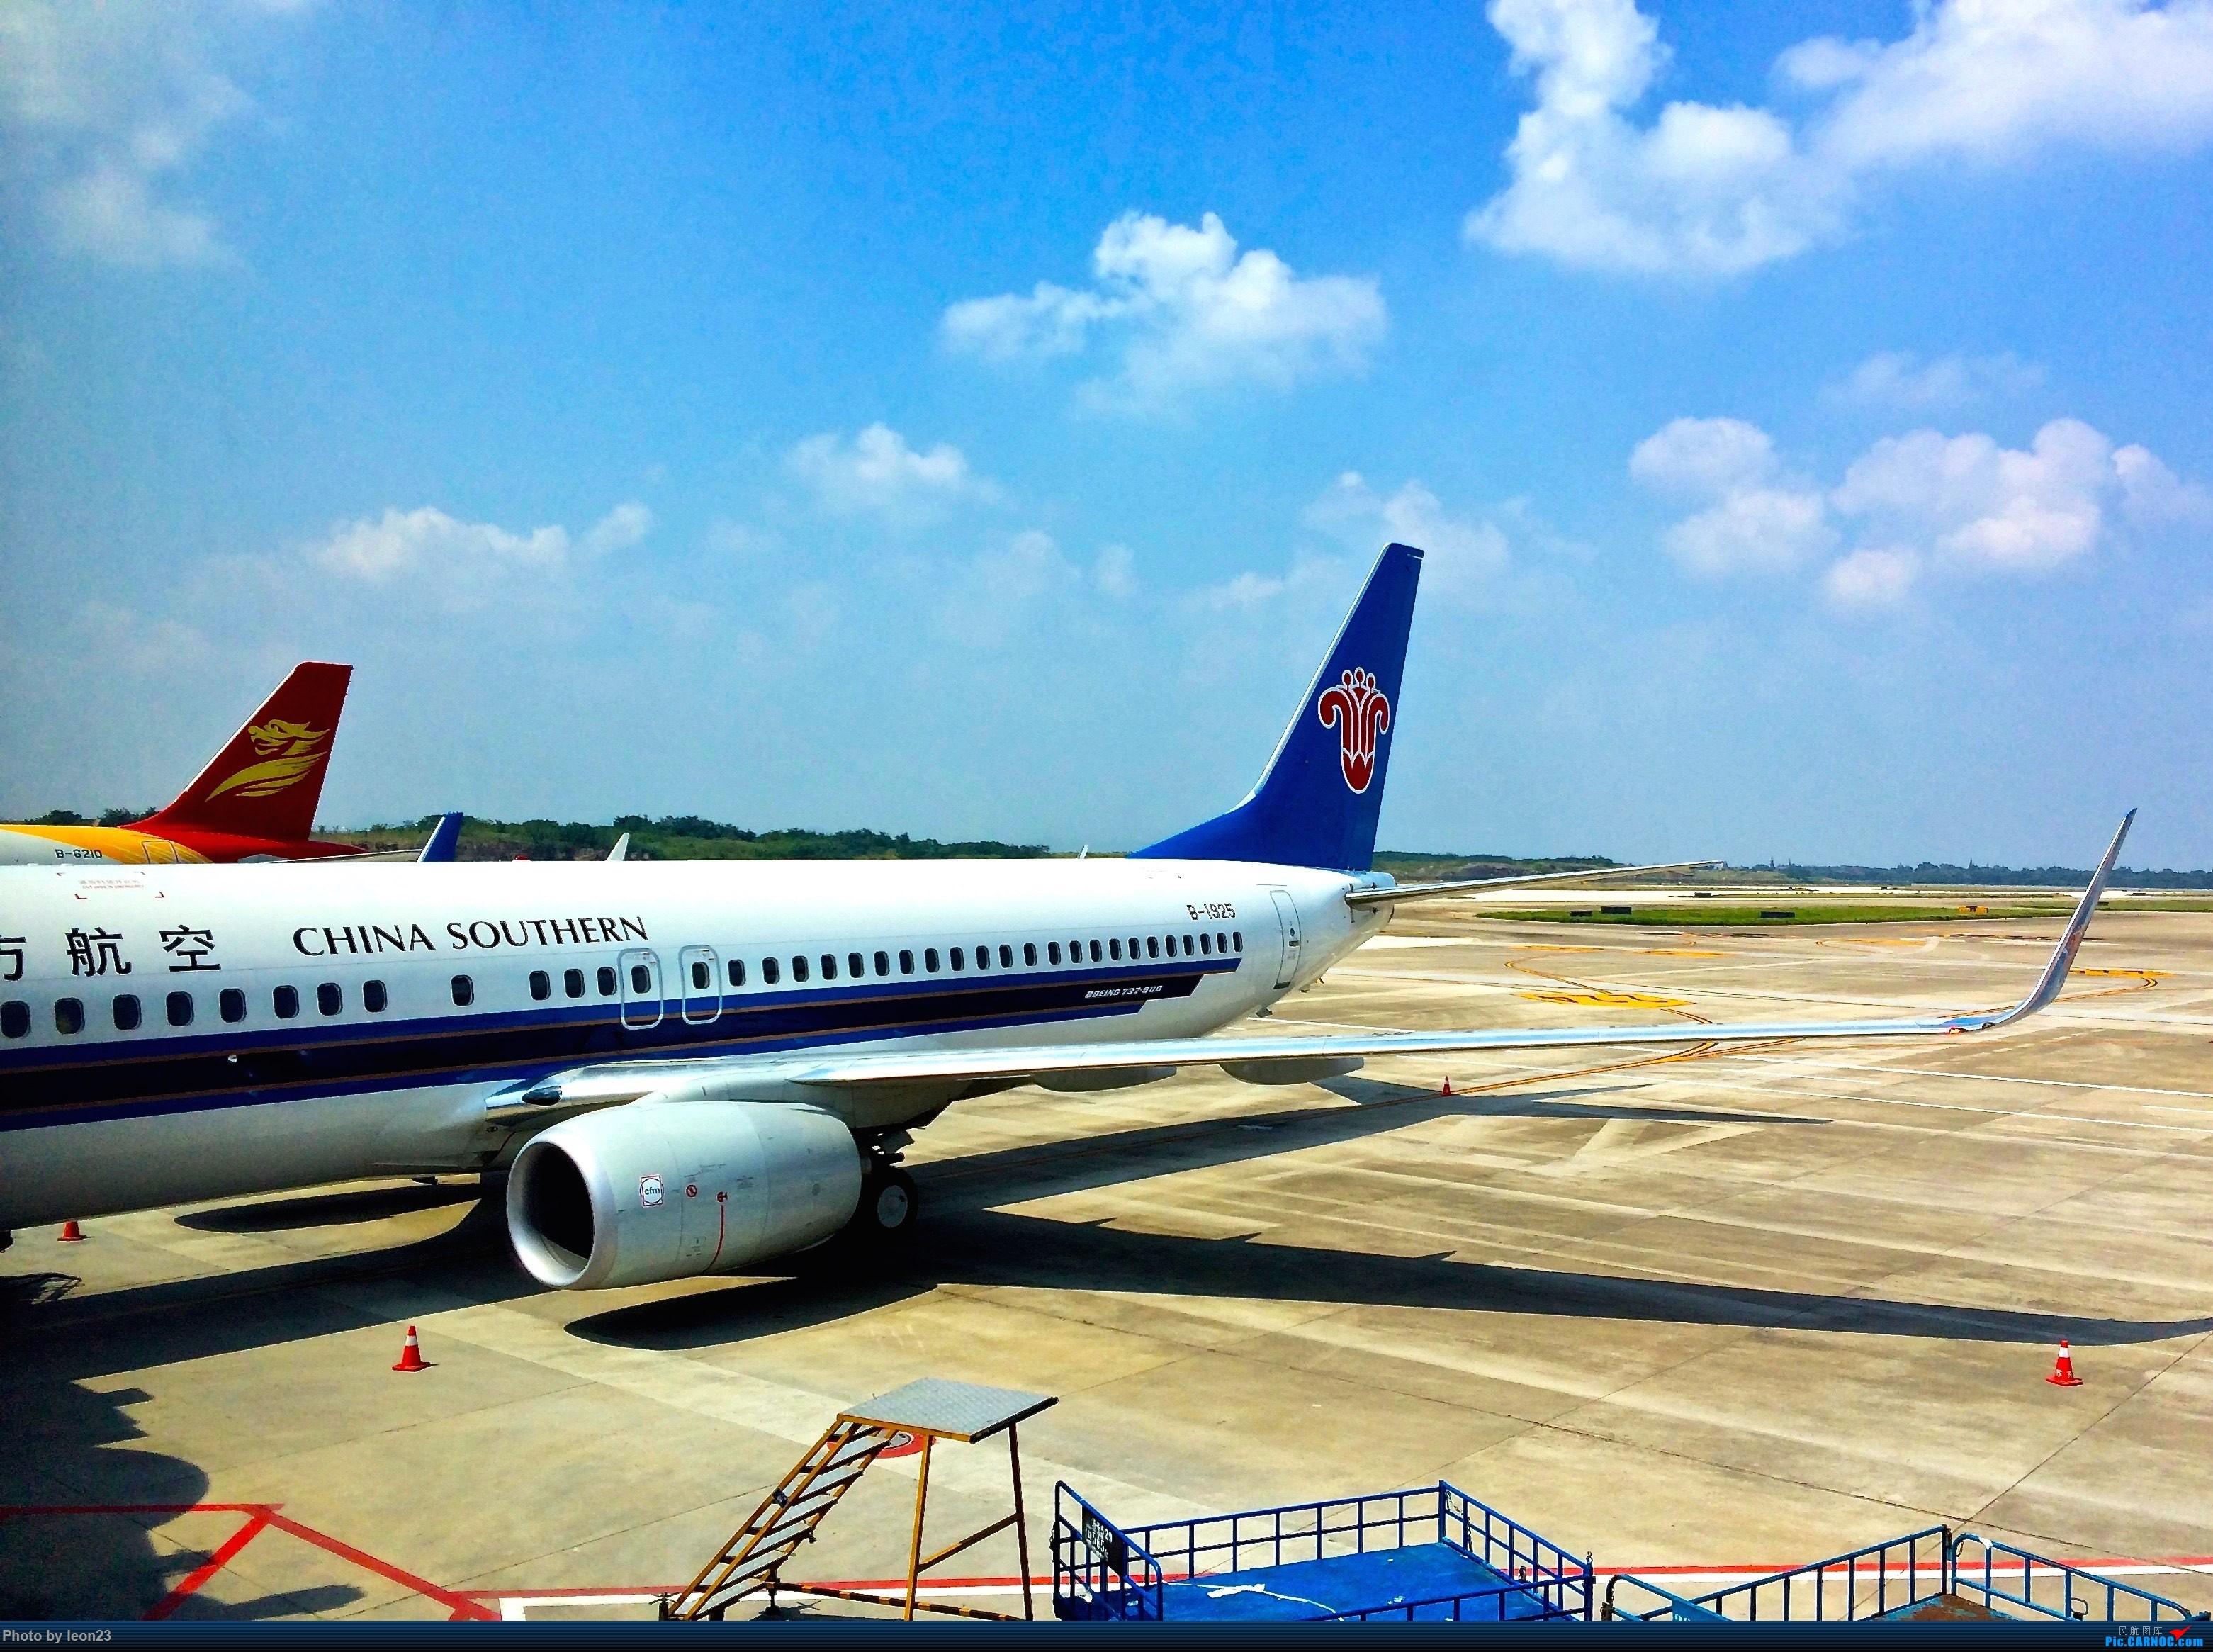 Re:[原创]【BLDDQ--深圳打机队】发小飞机盖楼贴,凡跟帖1字开头大陆民航飞机图的,每图五架小飞机不重复 BOEING 737-800 B-1925 中国南京禄口国际机场